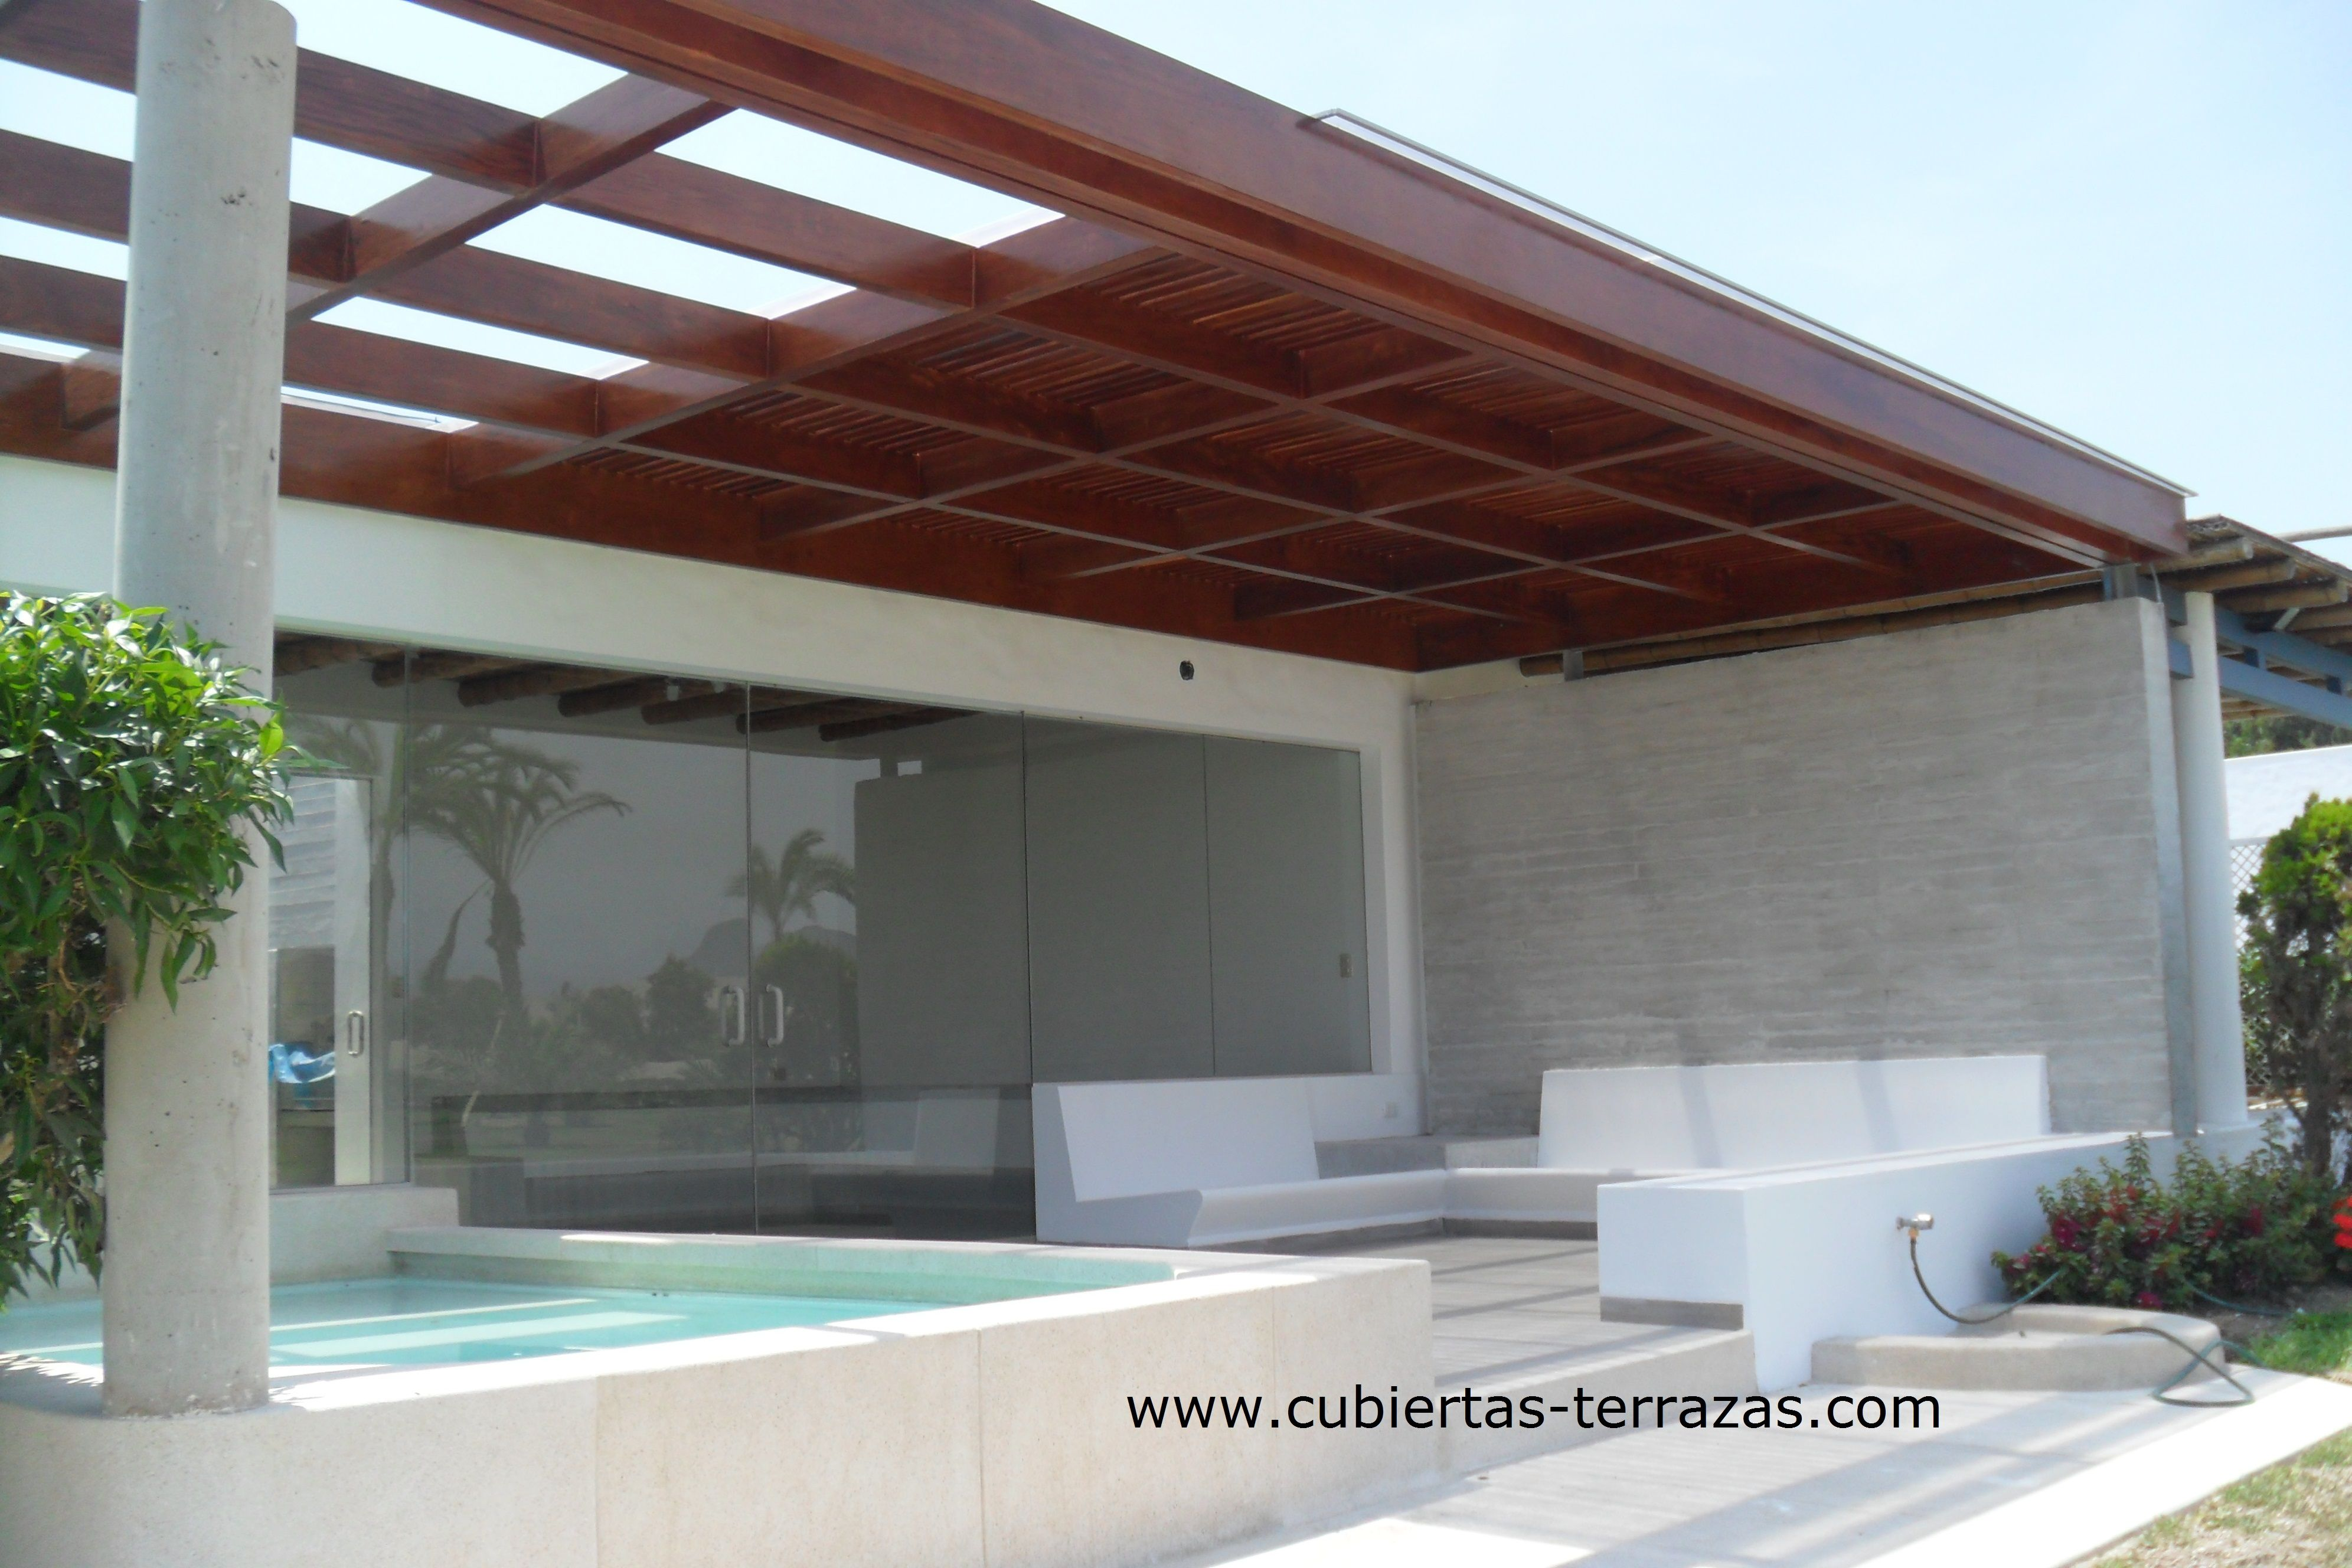 Techo de madera lacada con cubierta de policarbonato alveolar techos pinterest techos - Techo piscina cubierta ...